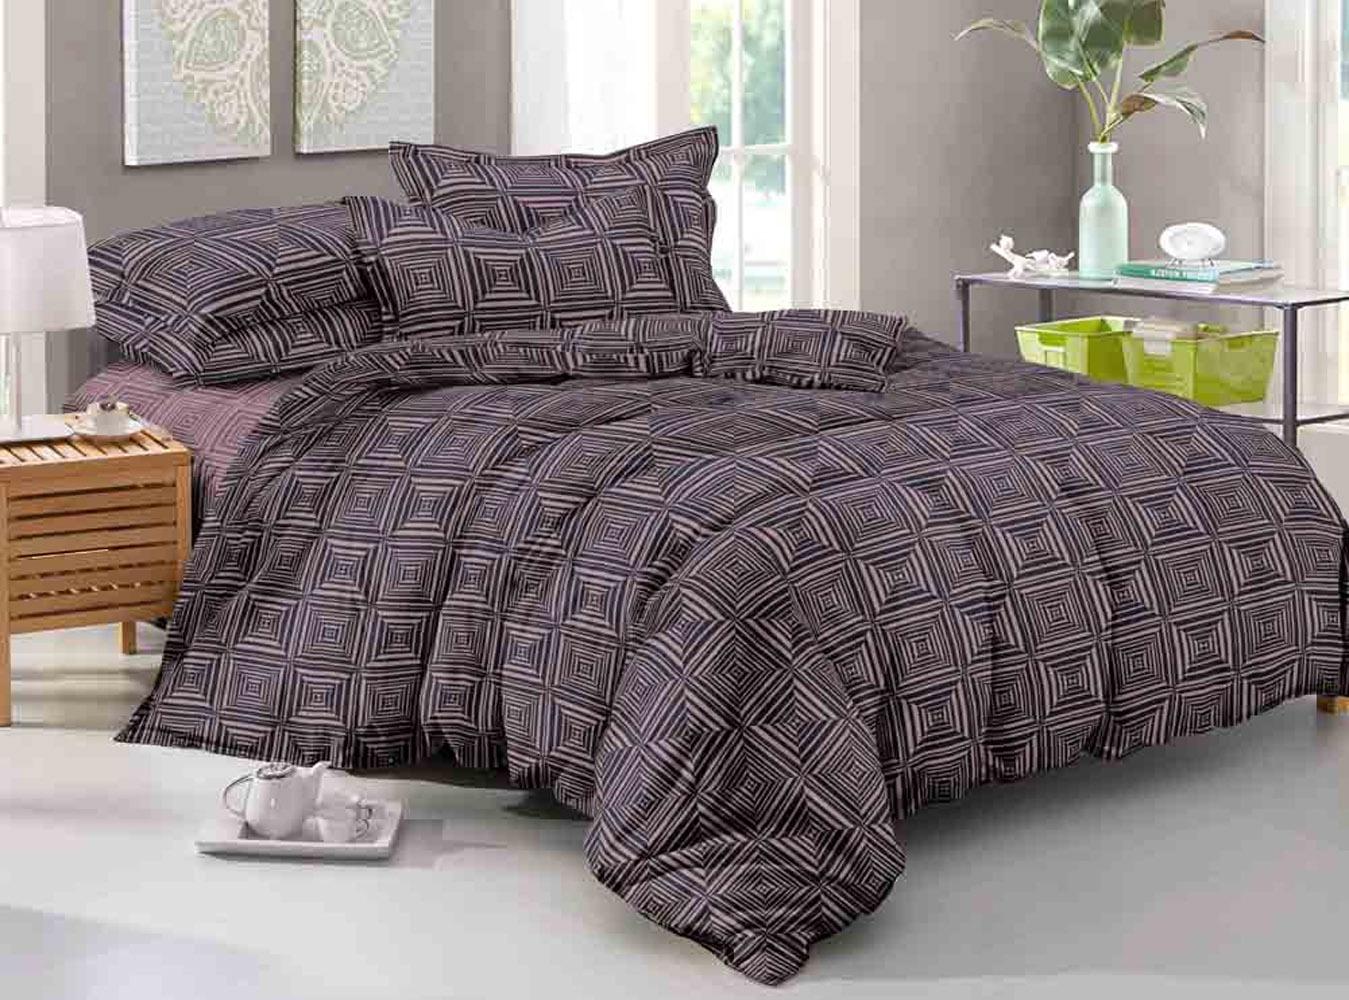 цена Комплект постельного белья Seta Grande Charvi 019811212, темно-коричневый, 1,5 спальный, наволочки 70 x 70 см онлайн в 2017 году